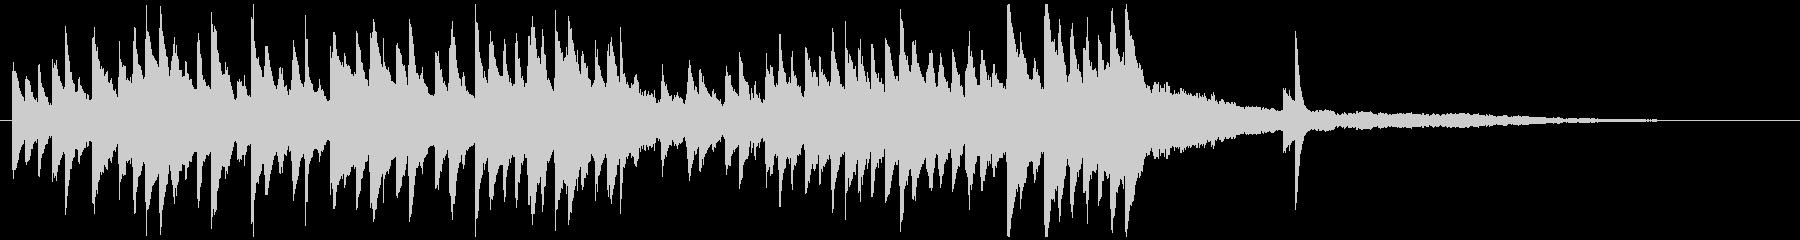 クラシックのキラキラピアノジングル美しいの未再生の波形